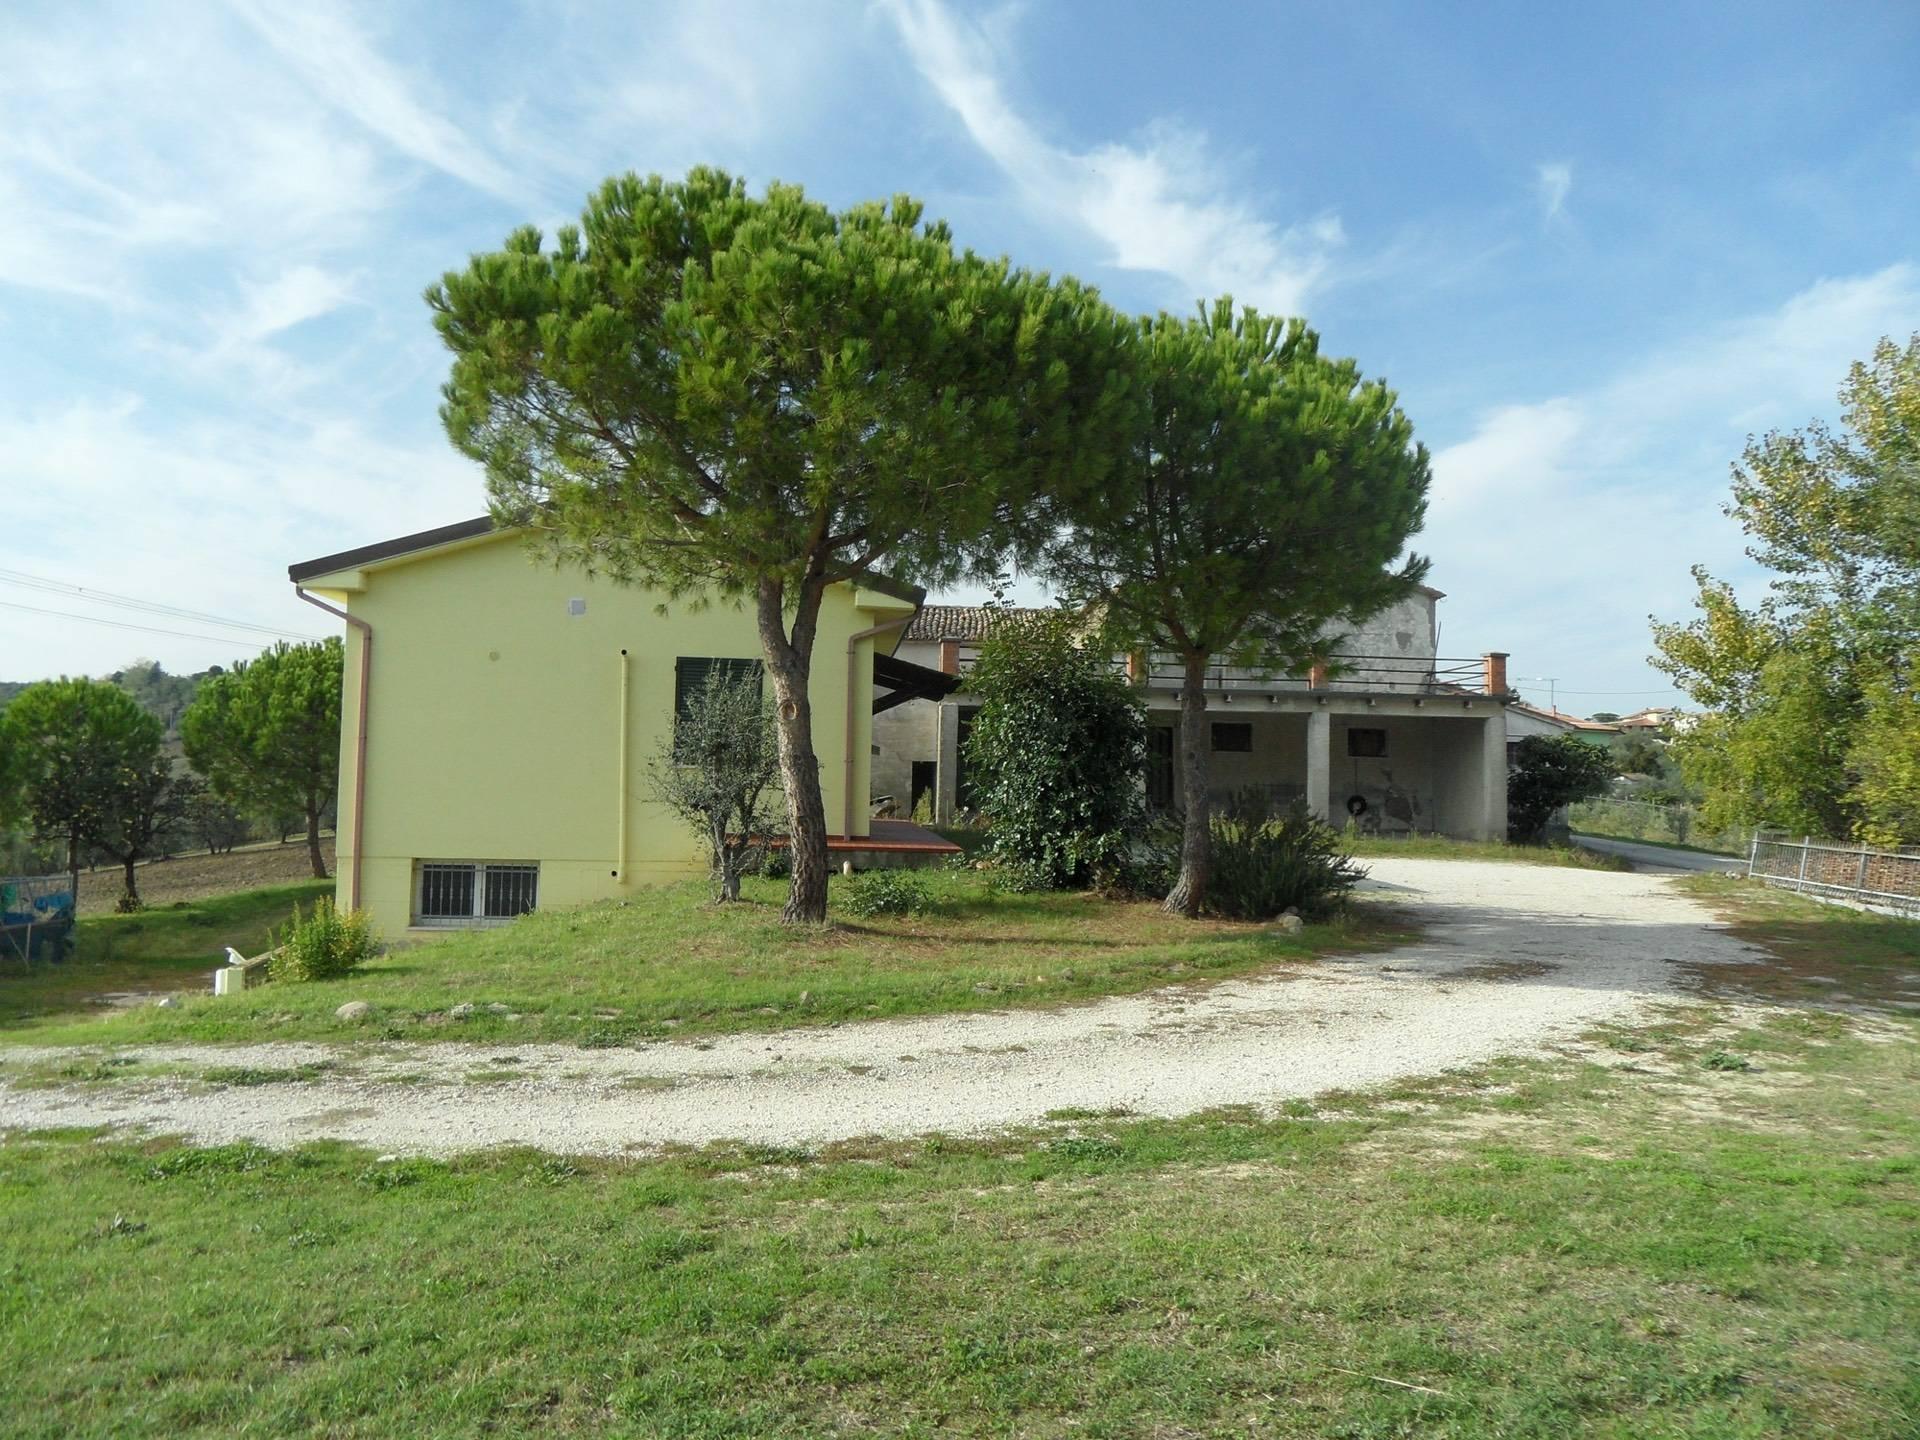 Appartamento in vendita a Coriano, 10 locali, zona Località: MonteTauro, prezzo € 359.000 | CambioCasa.it